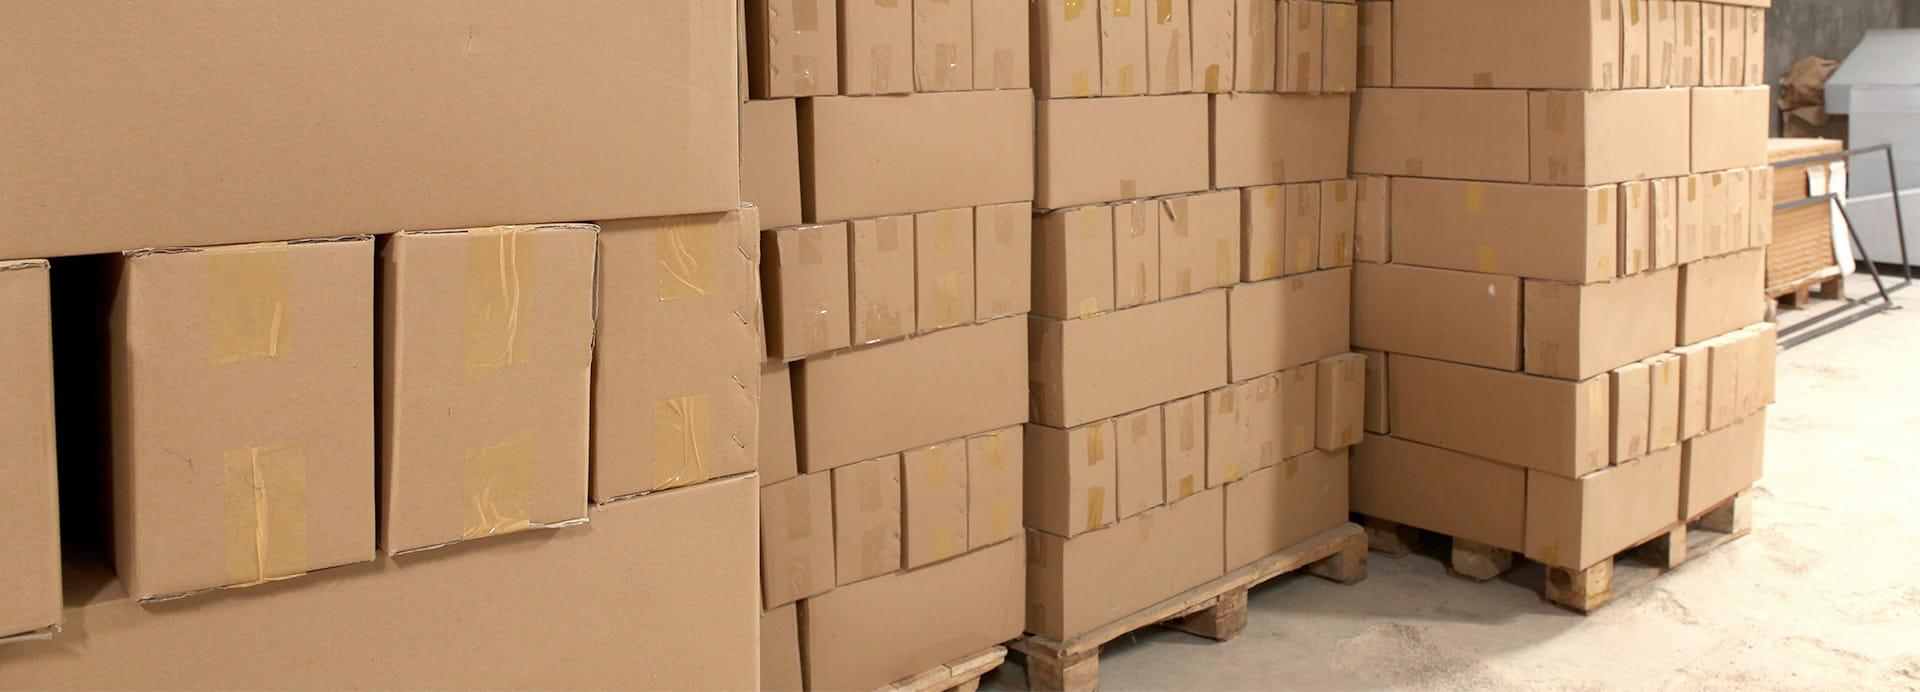 Pakete zum Versand